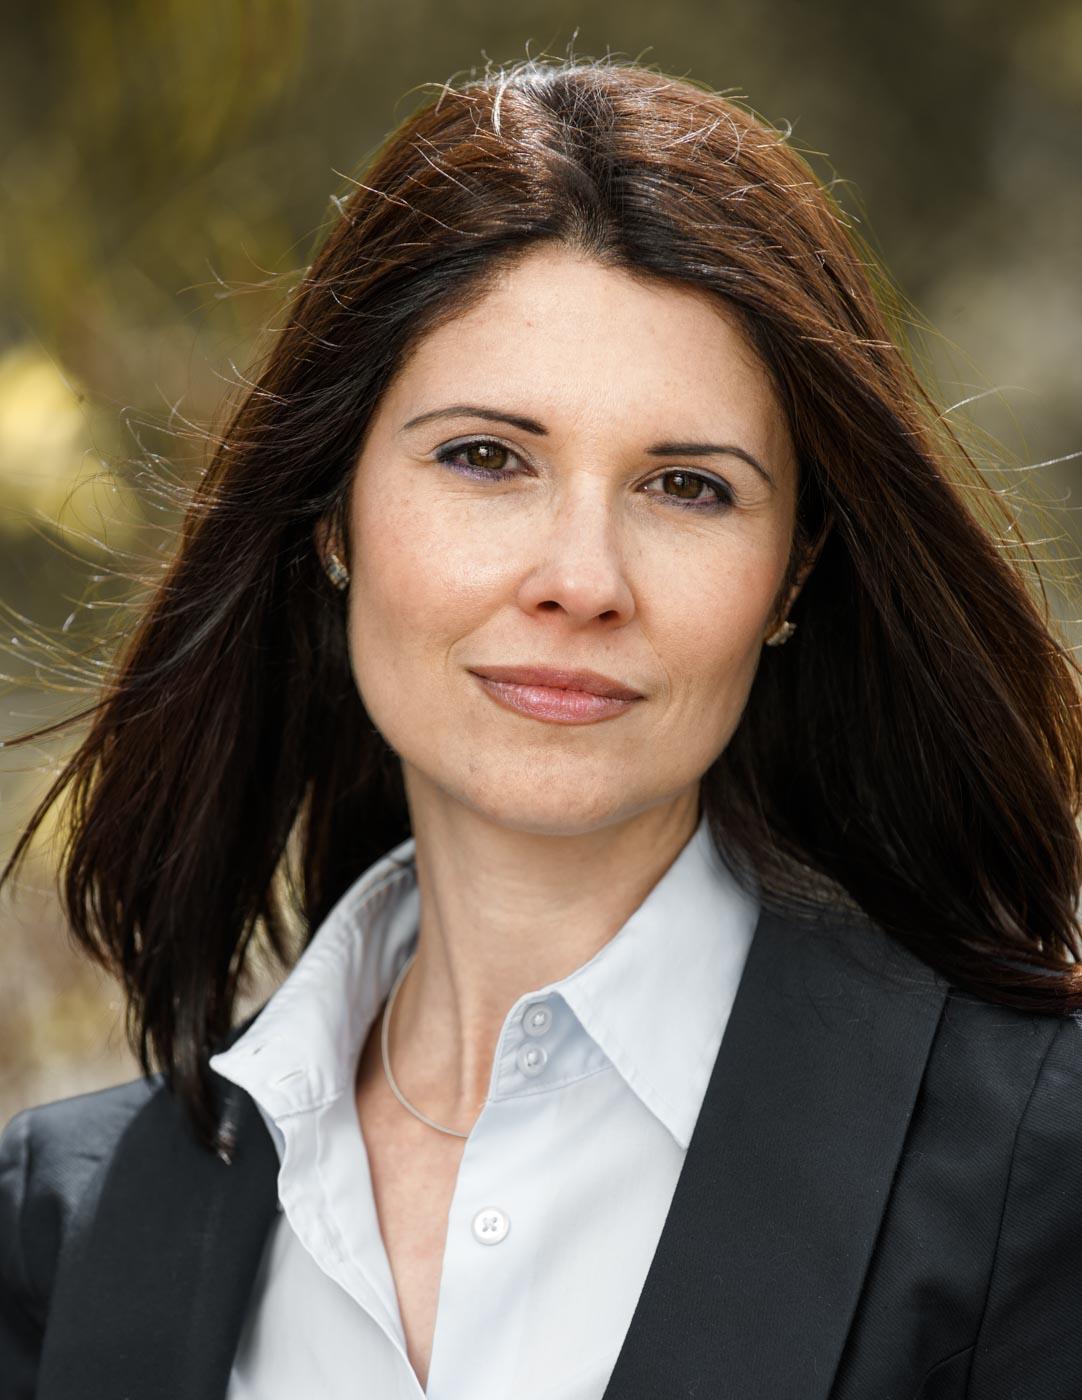 Katja-Ravenstein-Yaph-Business-Portrait-16